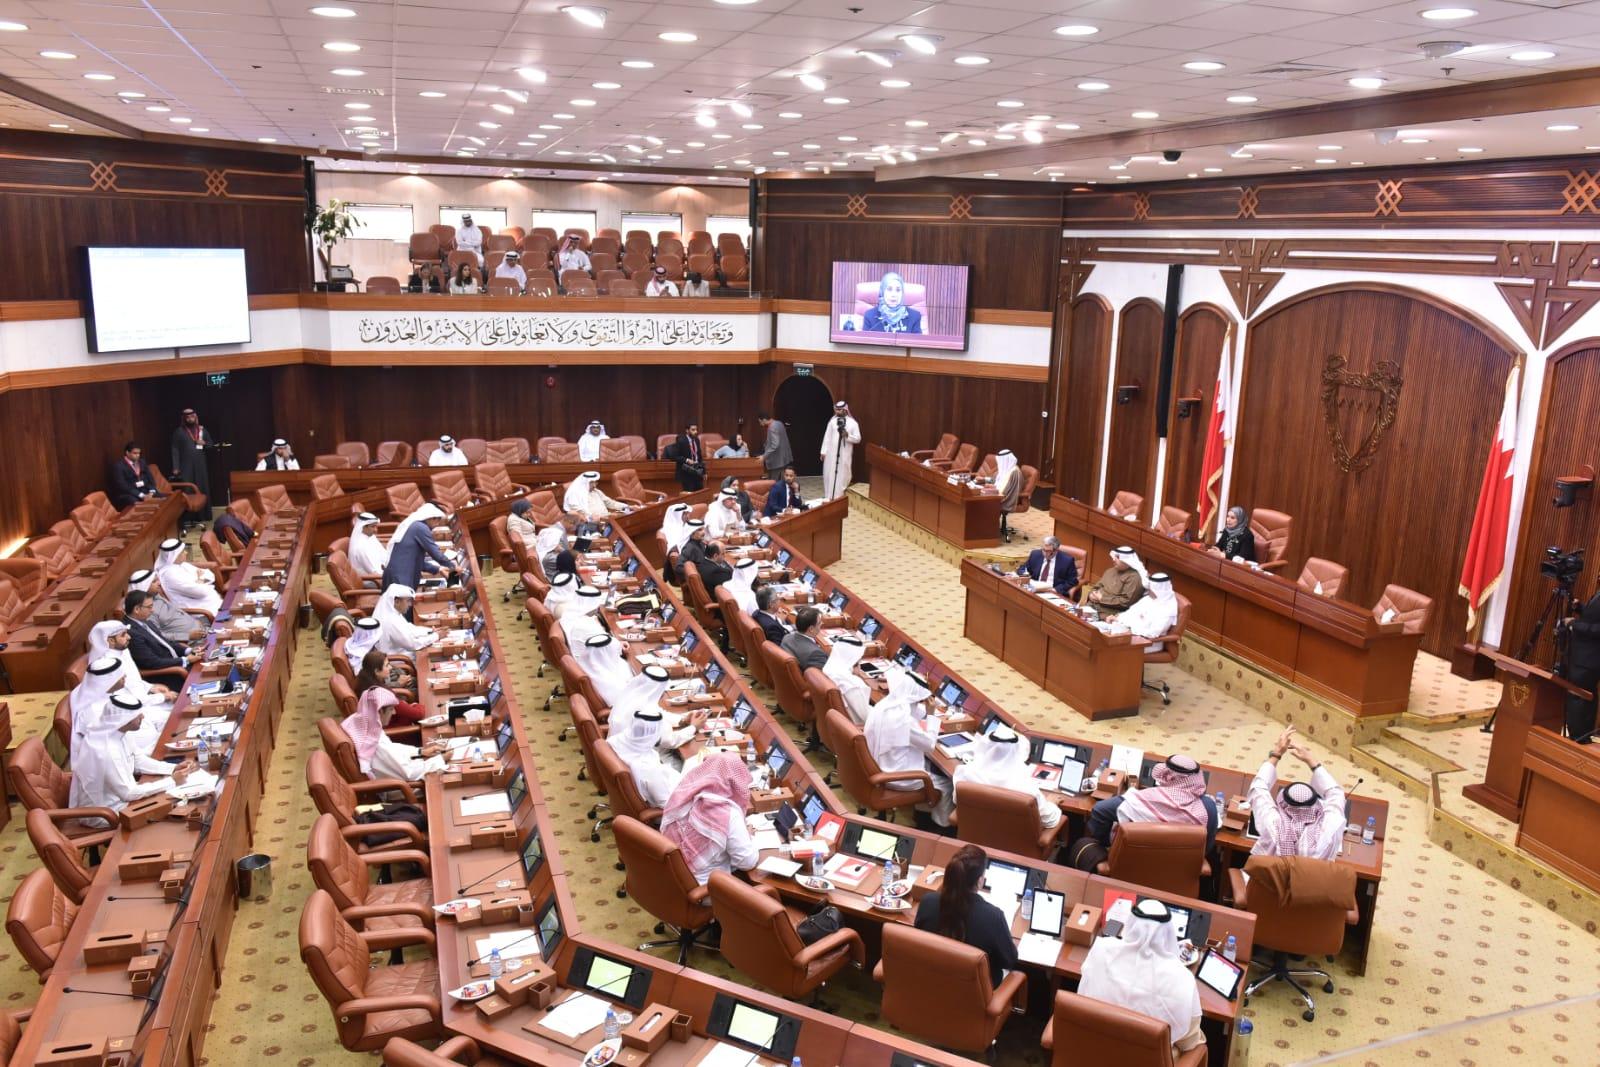 مراقبون: مجلس النوّاب الخليفيّ هدر للثروات ودوره الموافقة على قرارات الحكومة